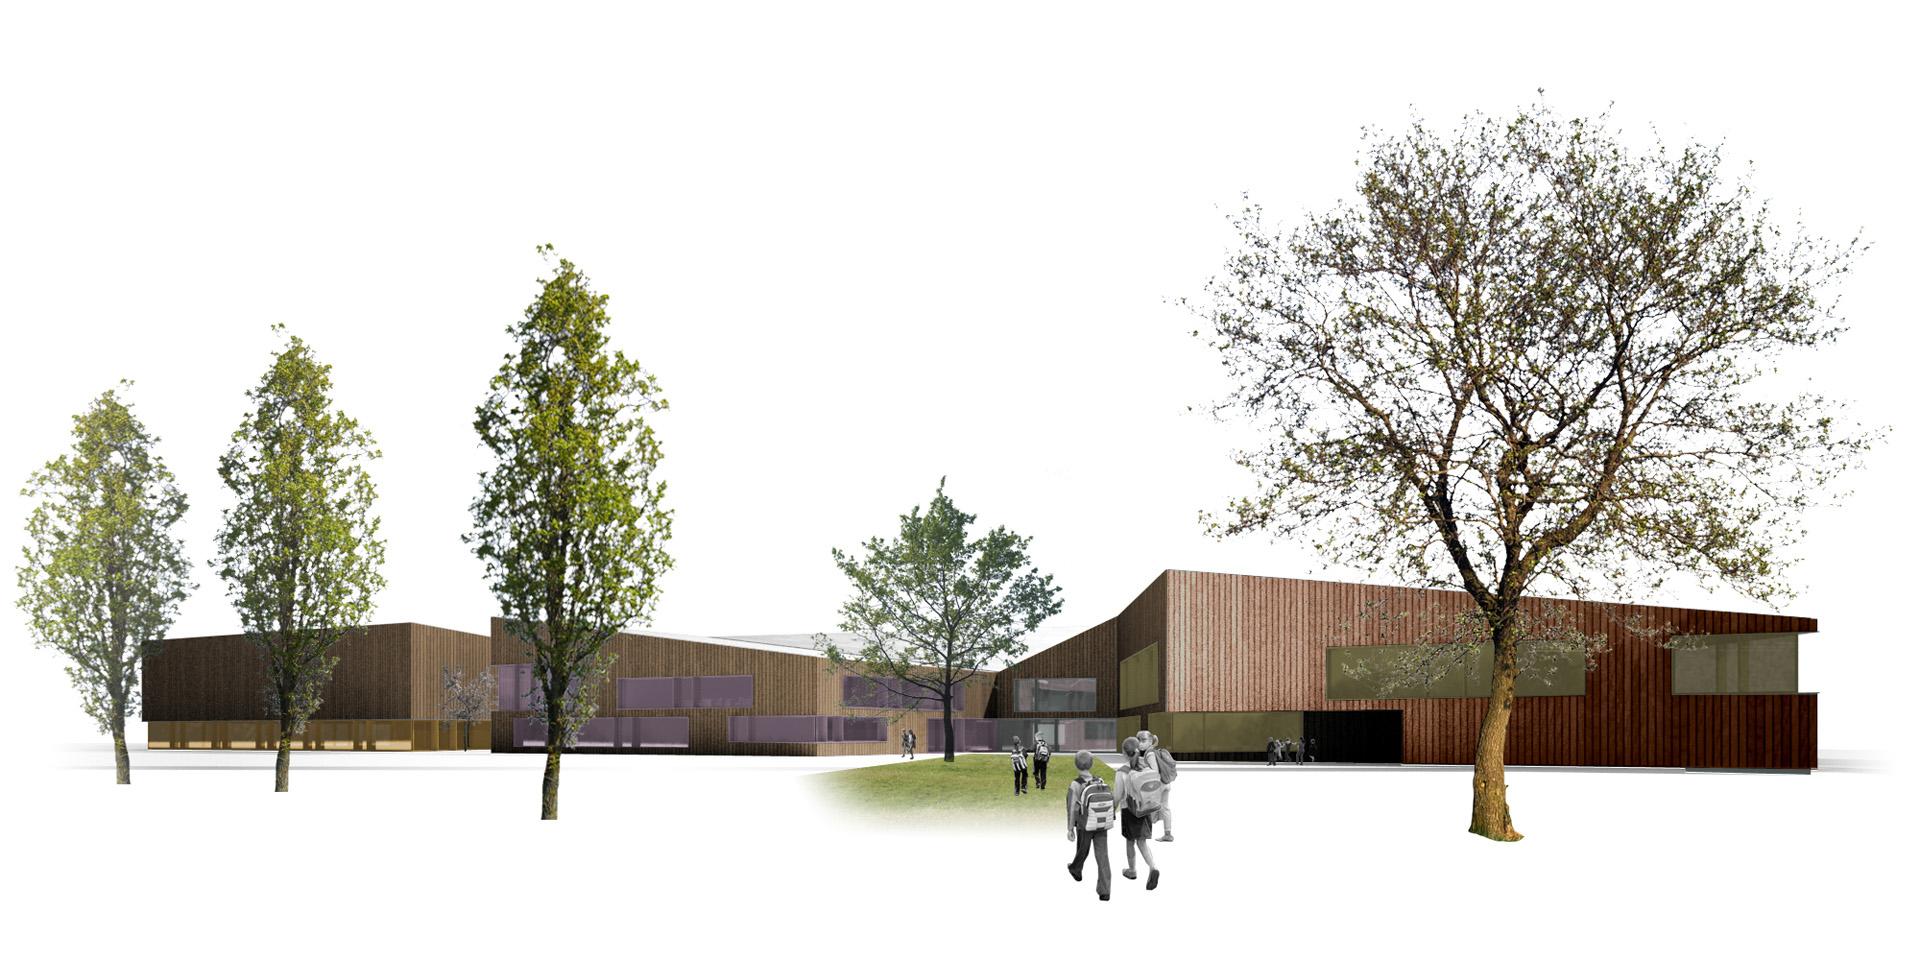 Centrum edukacyjno-kulturalno-sportowe w Chotomowie. Projekt konkursowy Baza architekci.